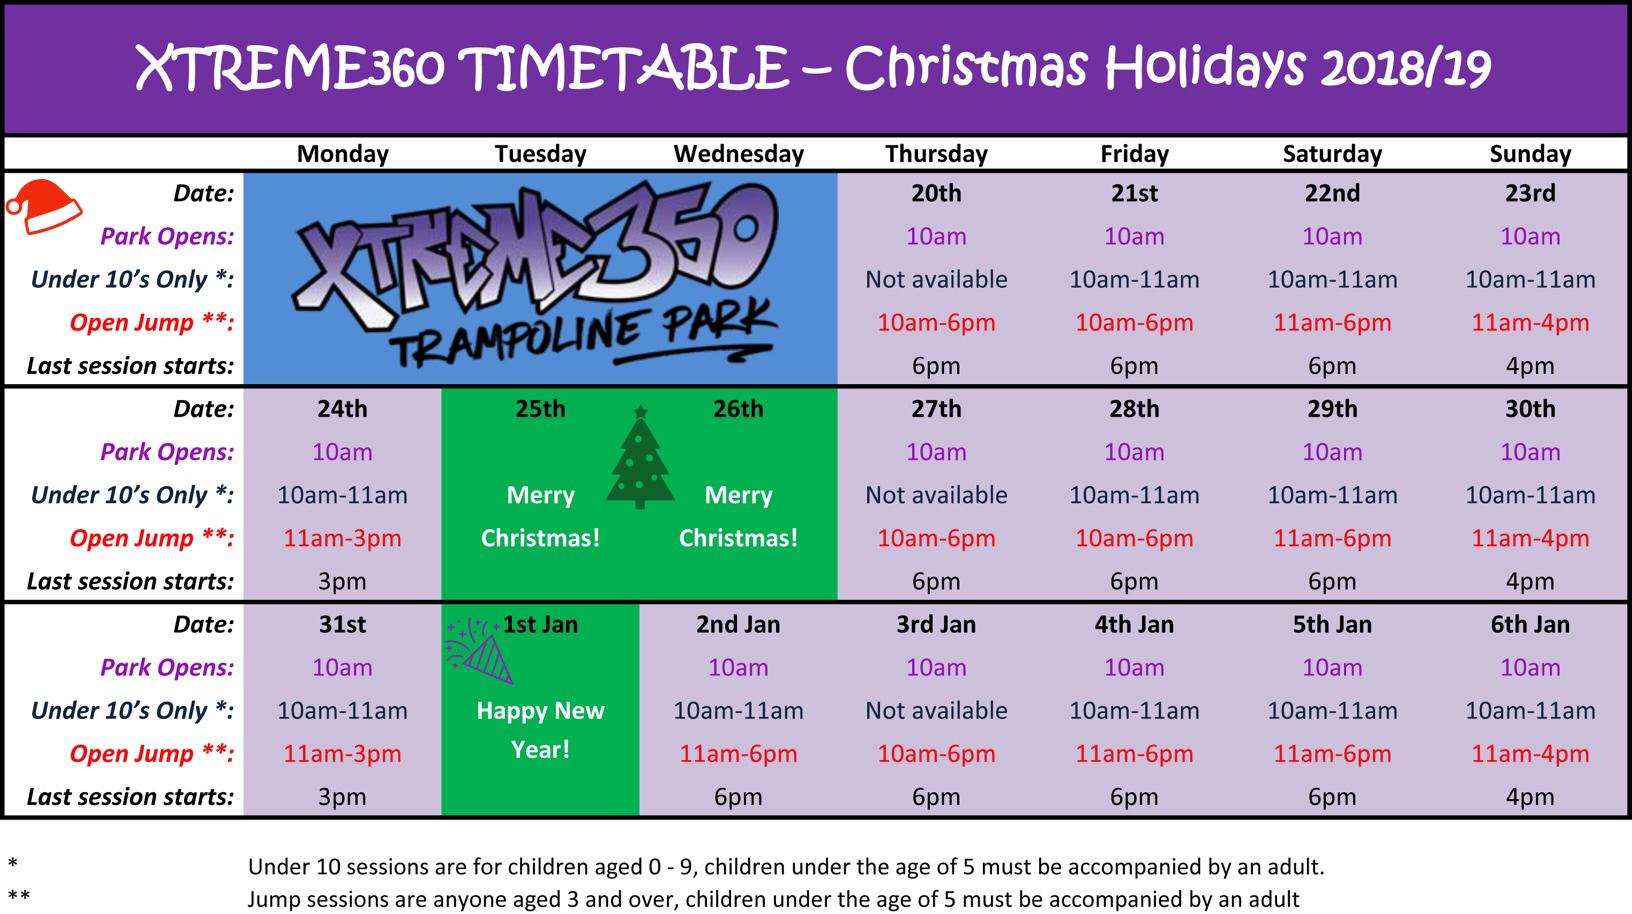 Christmas Holidays Timetable 2018